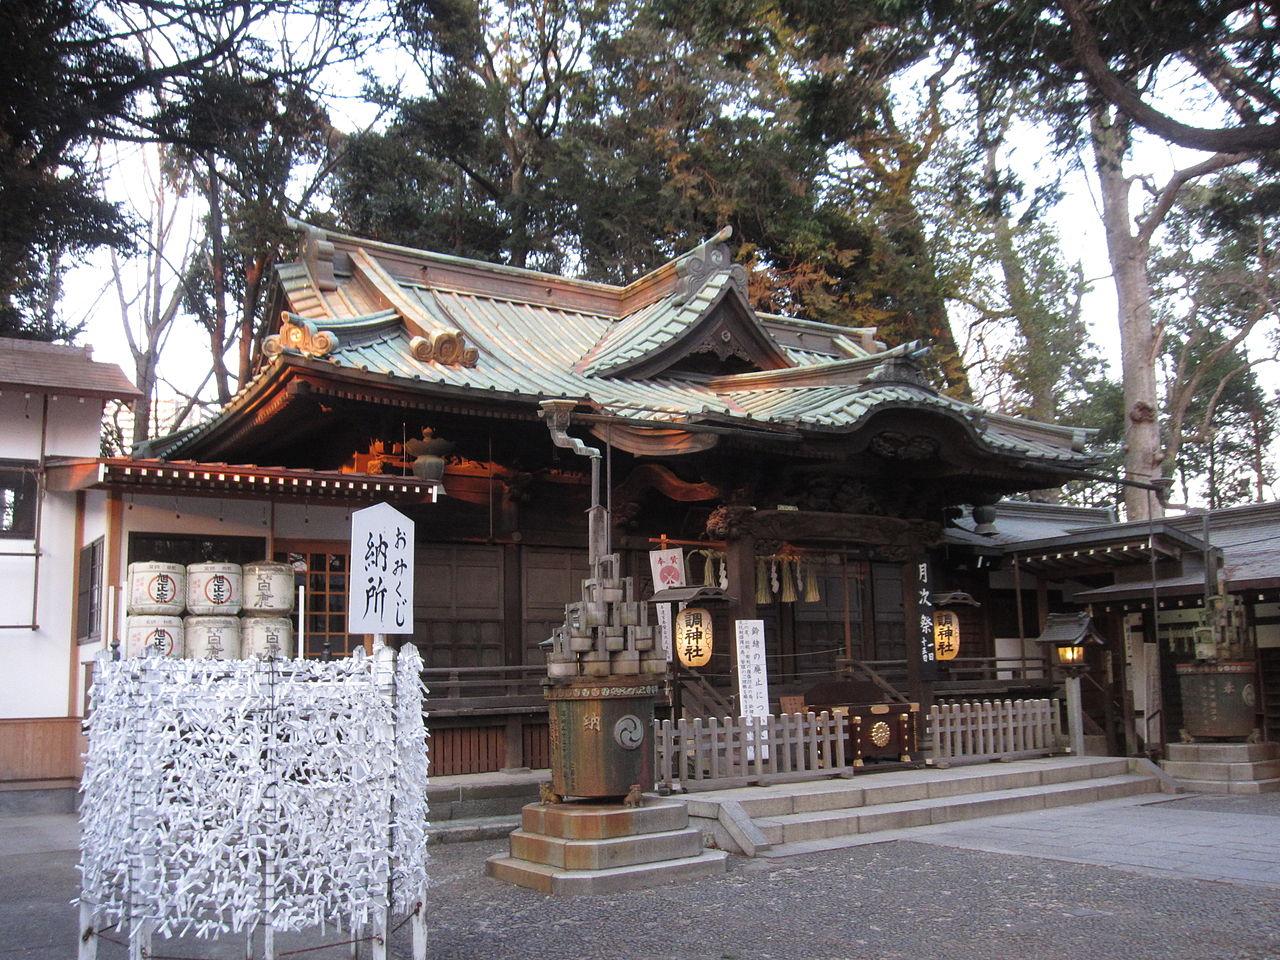 調神社 - Wikipedia